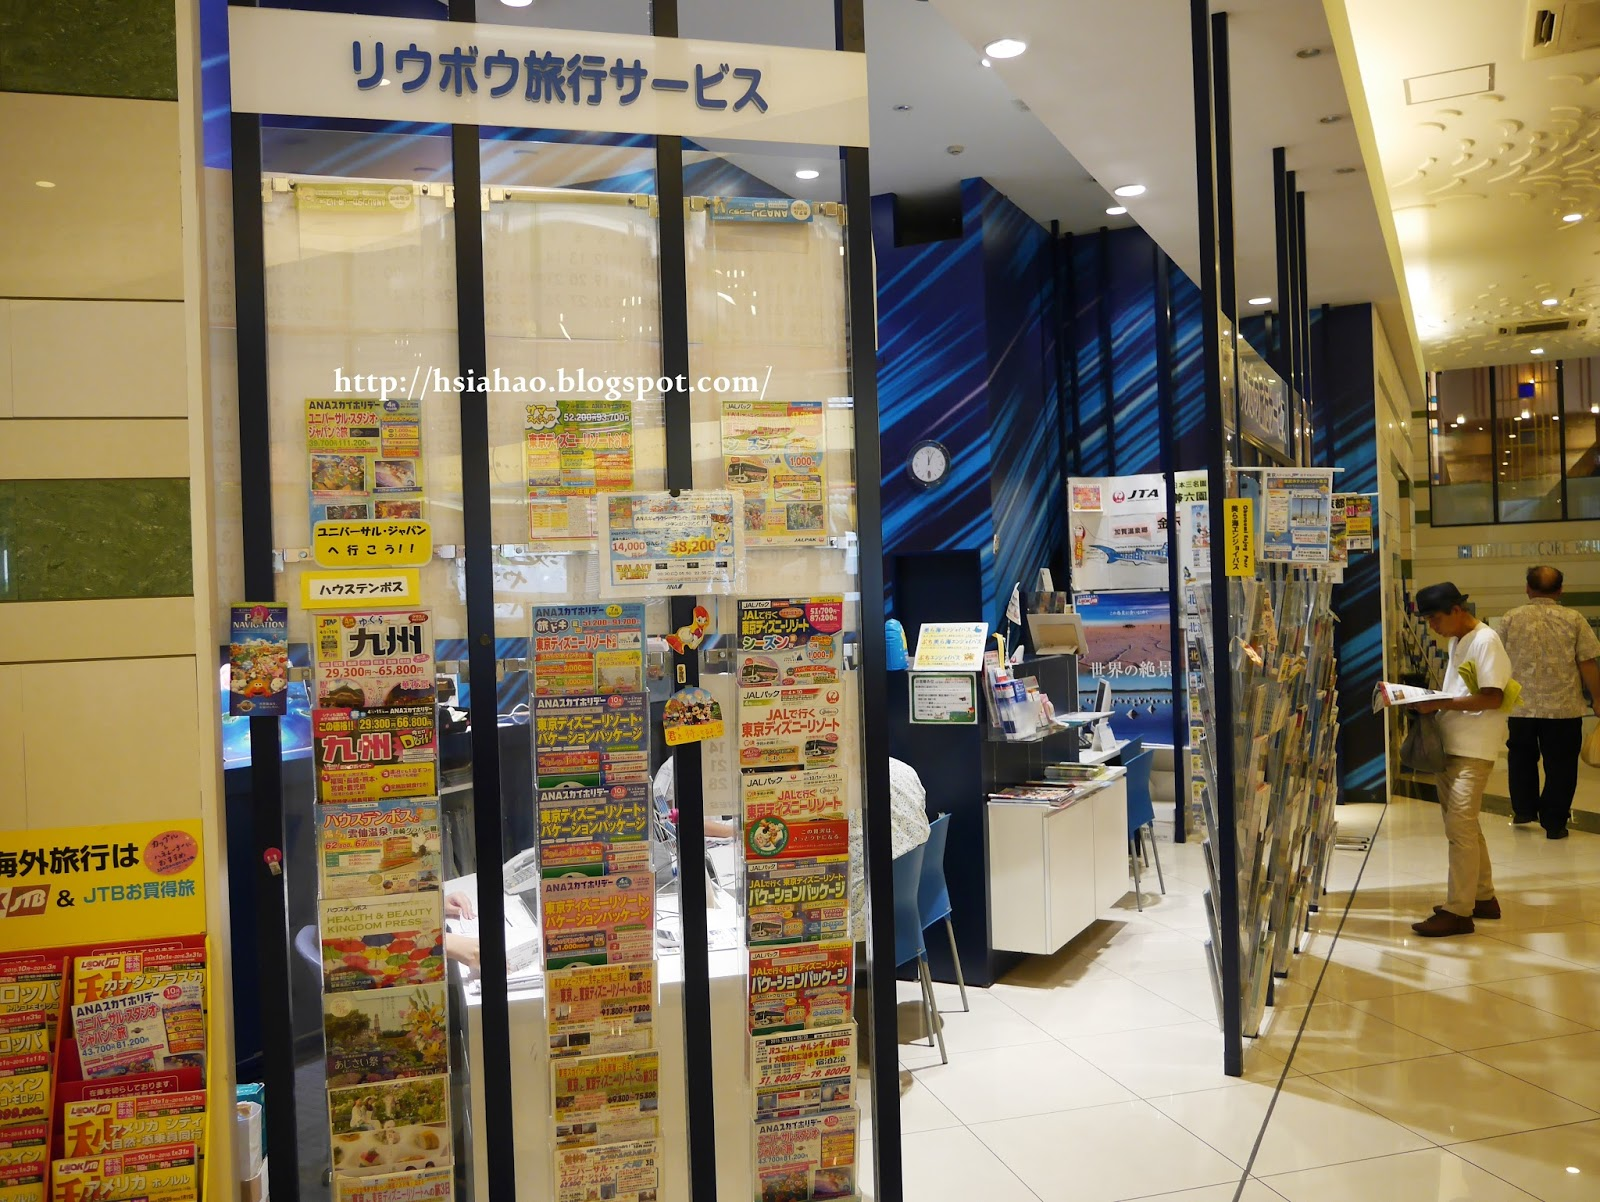 沖繩-那霸-enjoy-pass-購買地點-沖縄エンジョイパスチケット-景點-折扣-優惠-行程-自由行-旅遊-日本-便宜-okinawa-discount-store